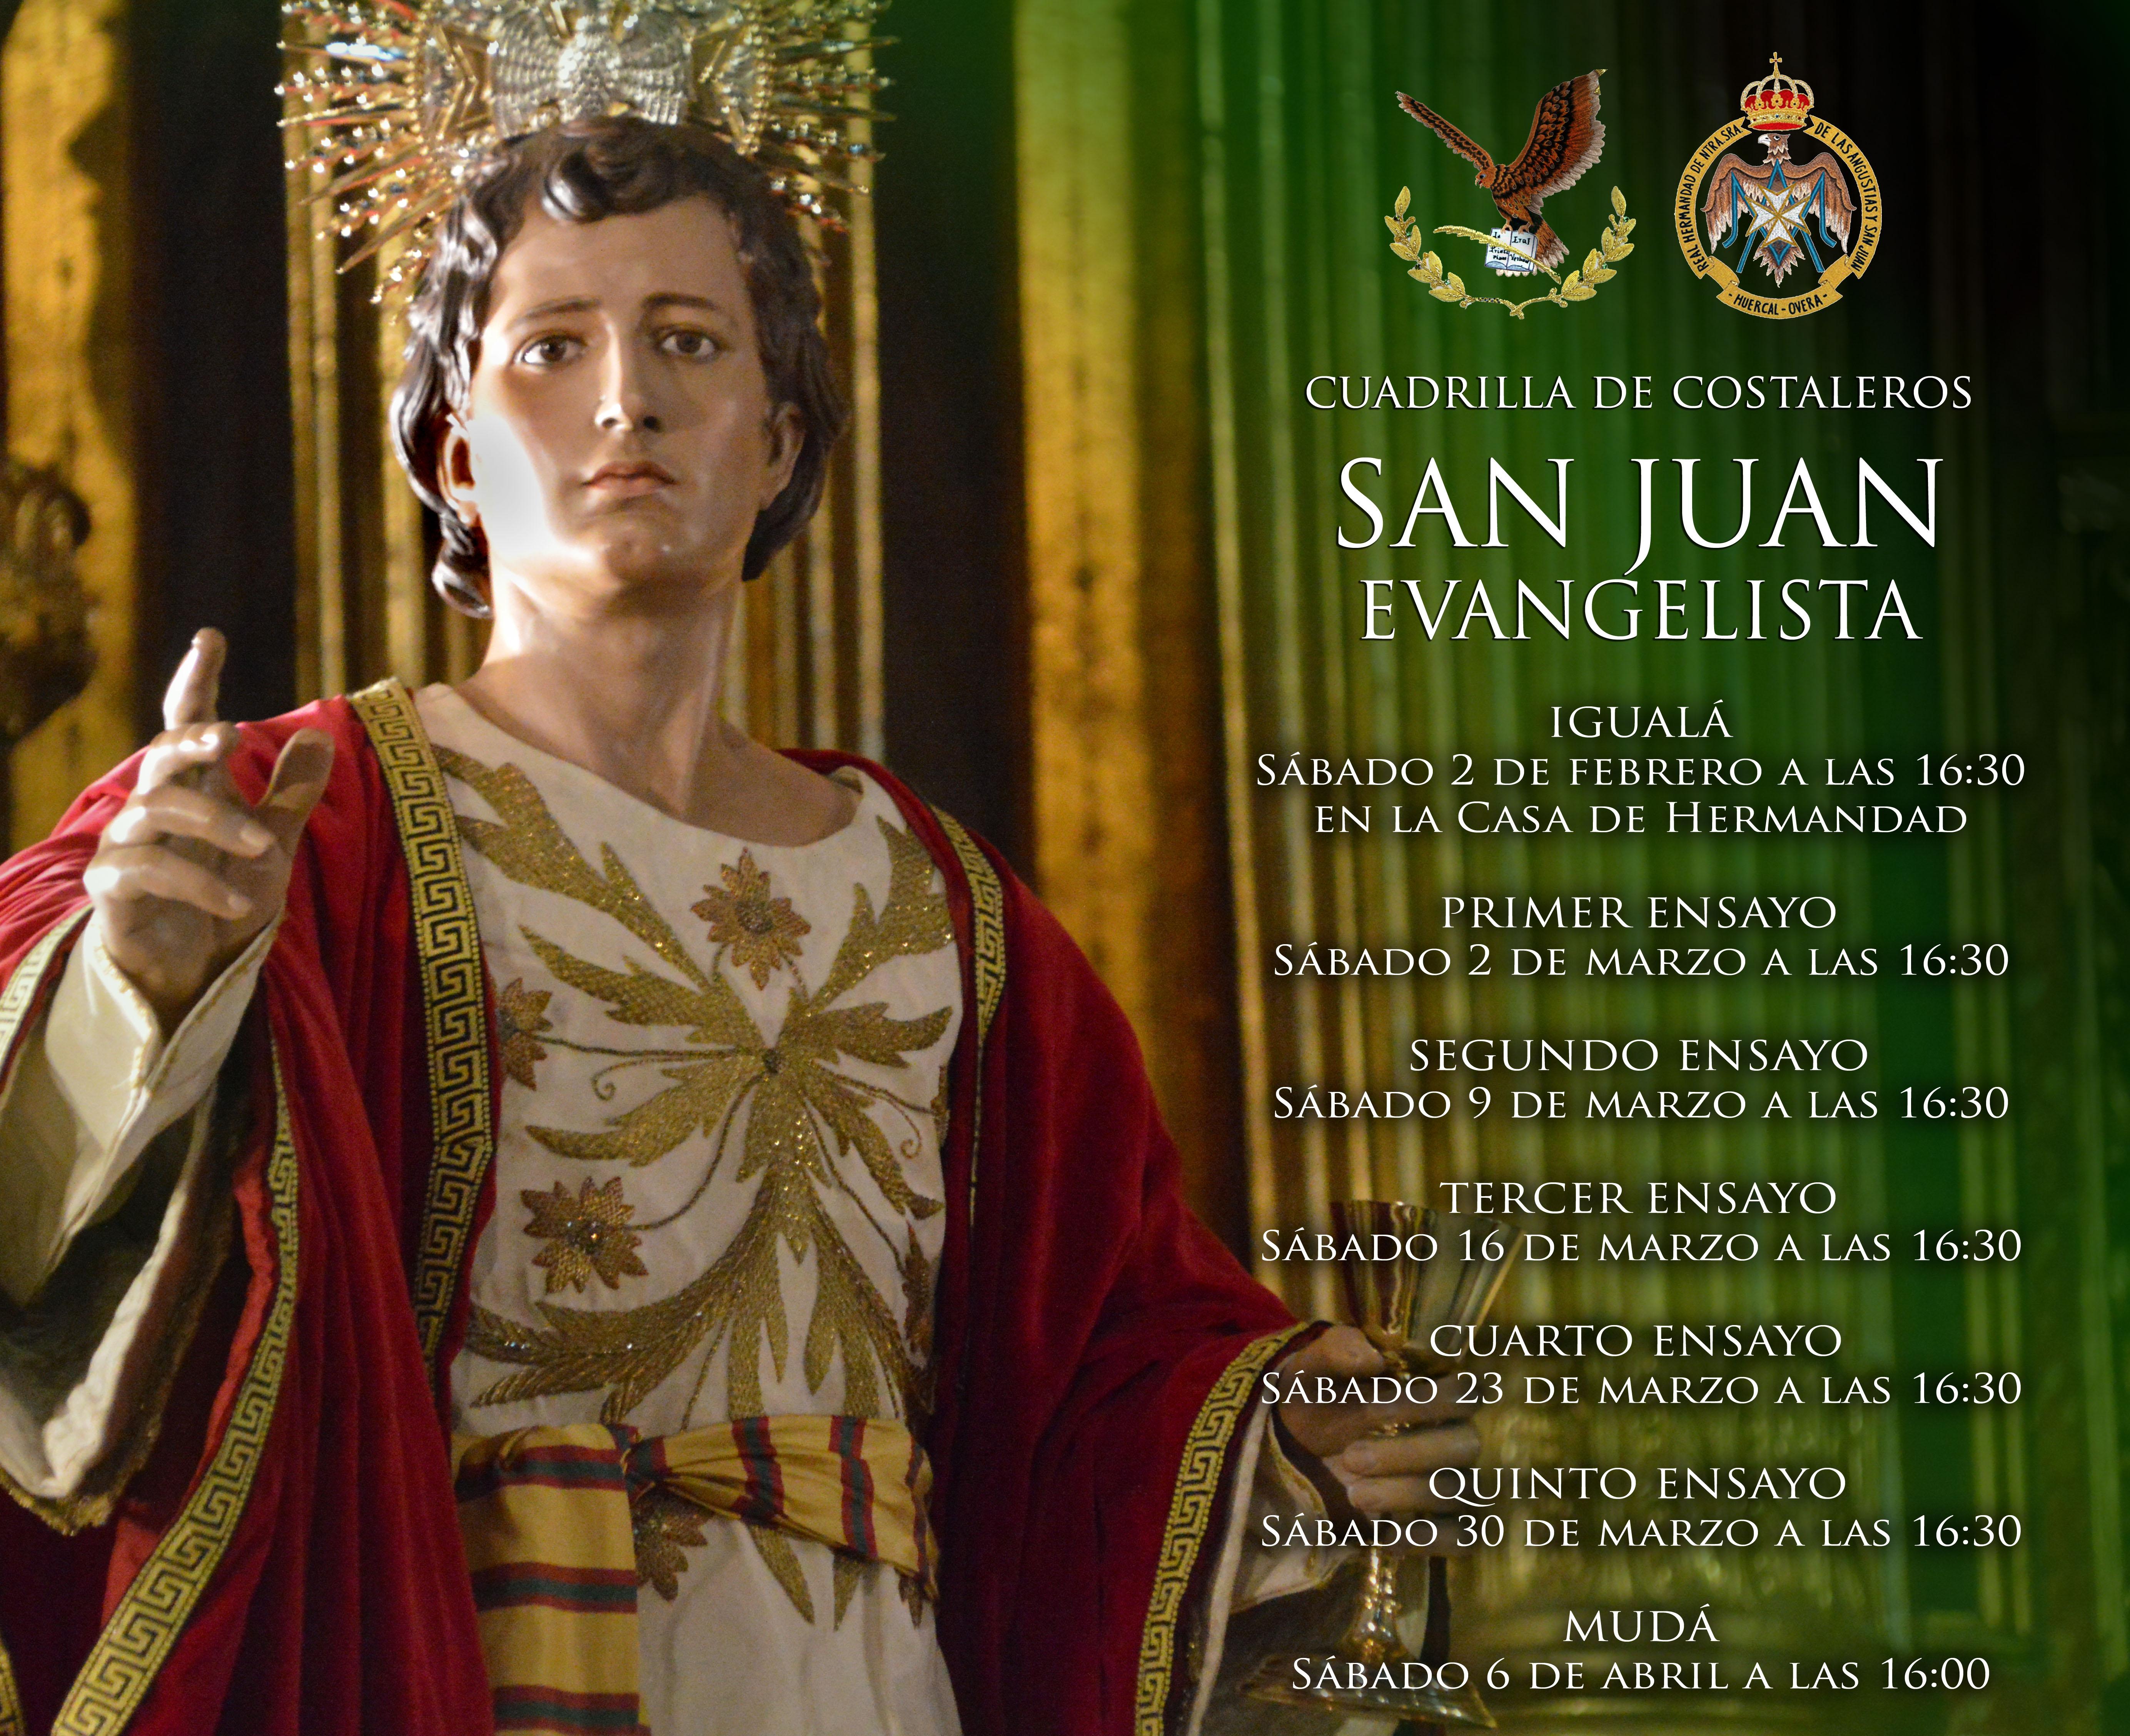 Calendario de ensayos de la cuadrilla de San Juan Evangelista